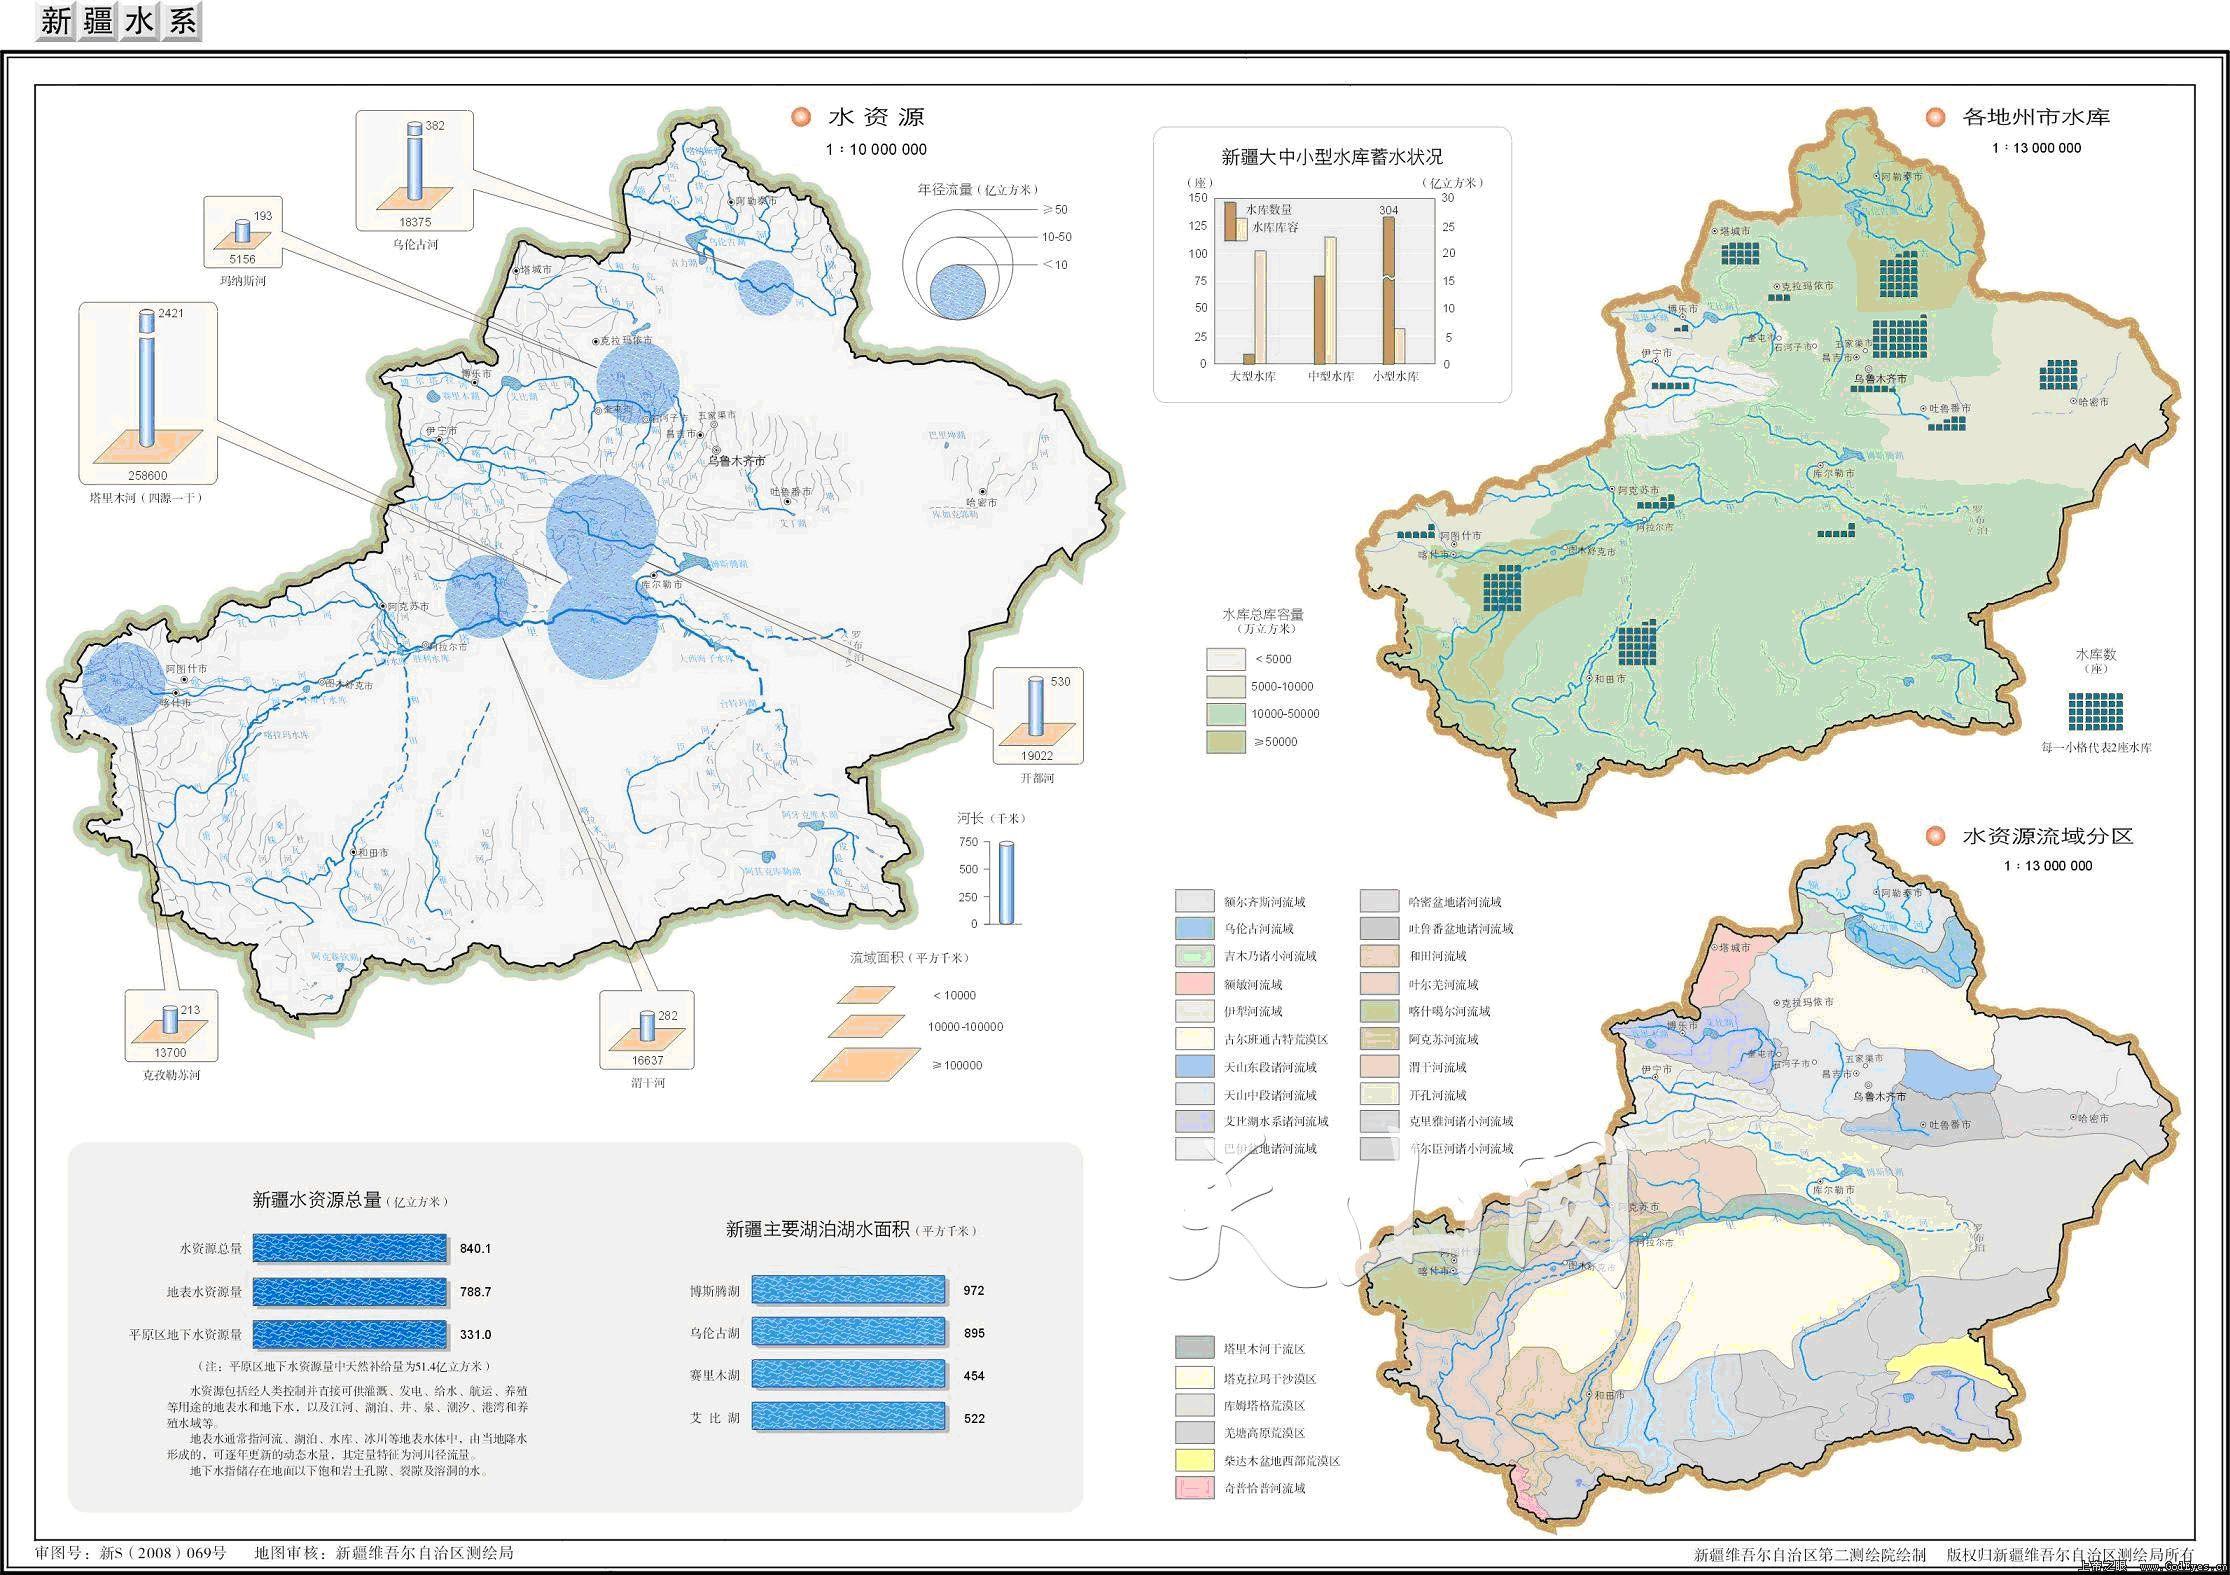 地图窝 中国地图 新疆 >> 新疆水系分布图  人气:(载入中.图片